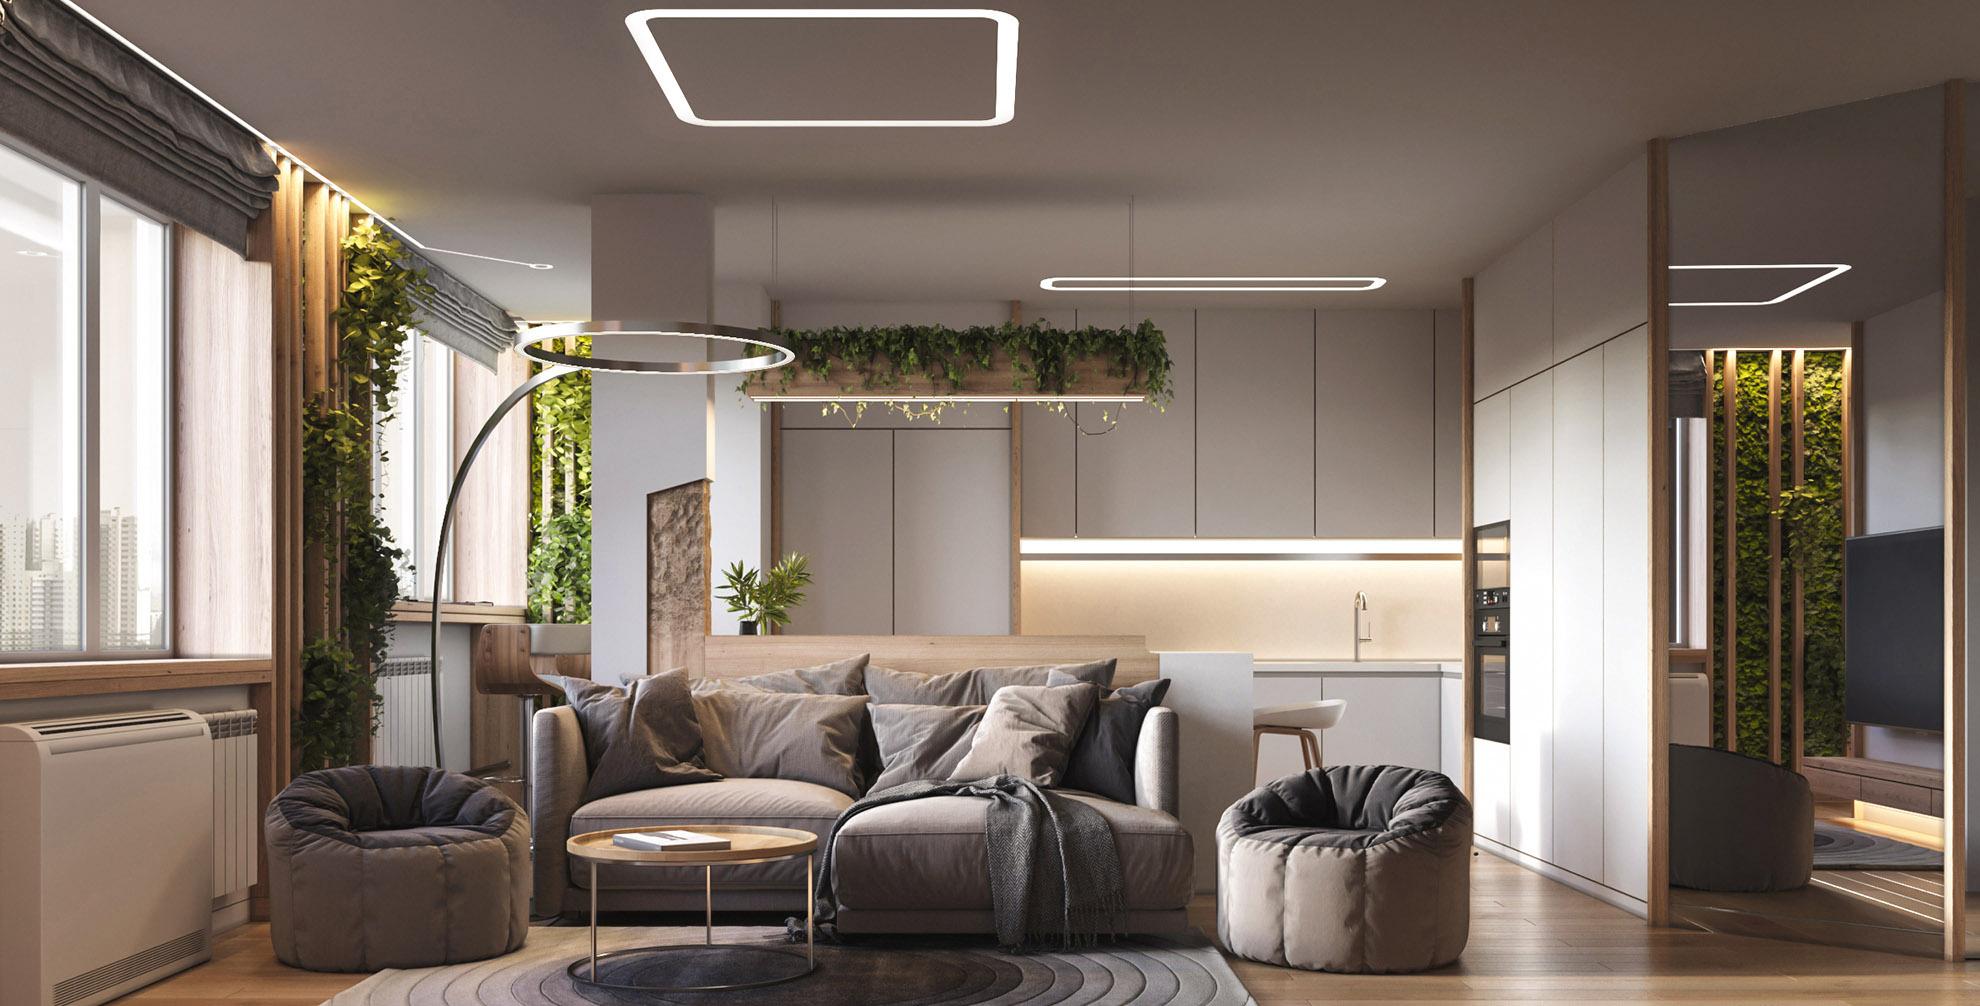 сучасний дизайн інтер'єру квартири в ЖК Журавлі